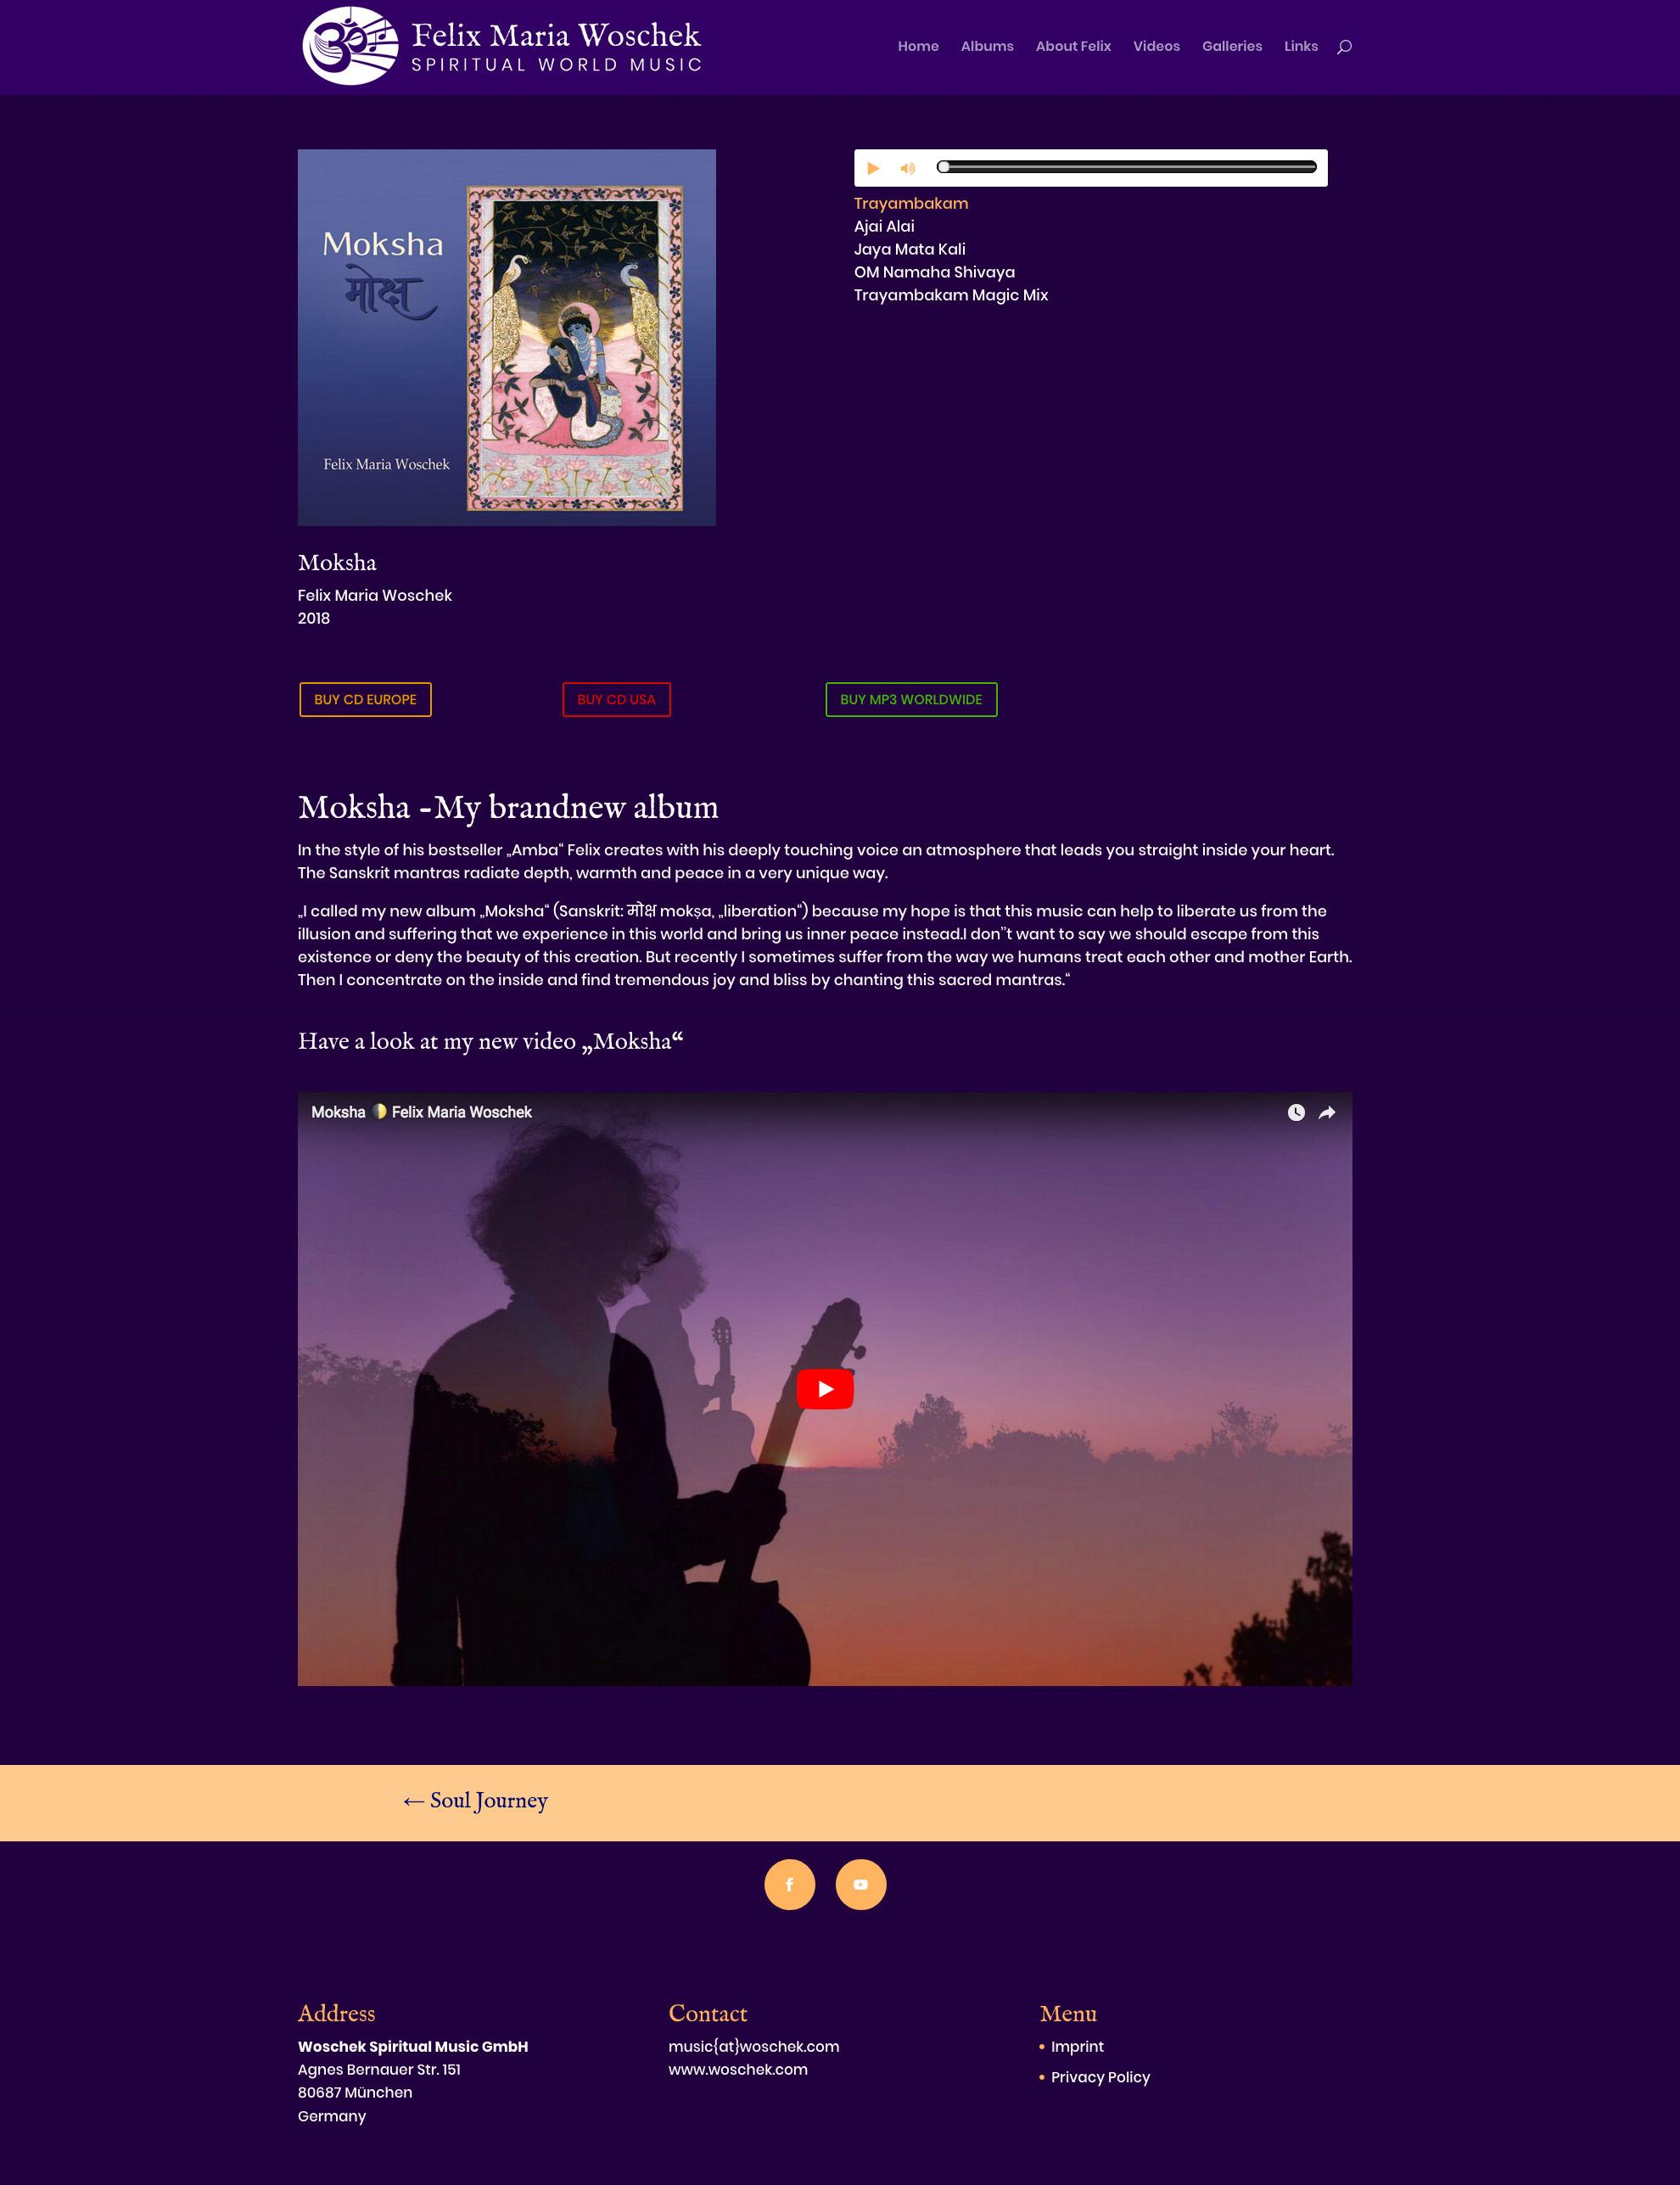 Webseite für das neue Album Moksha von Felix Maria Woschek